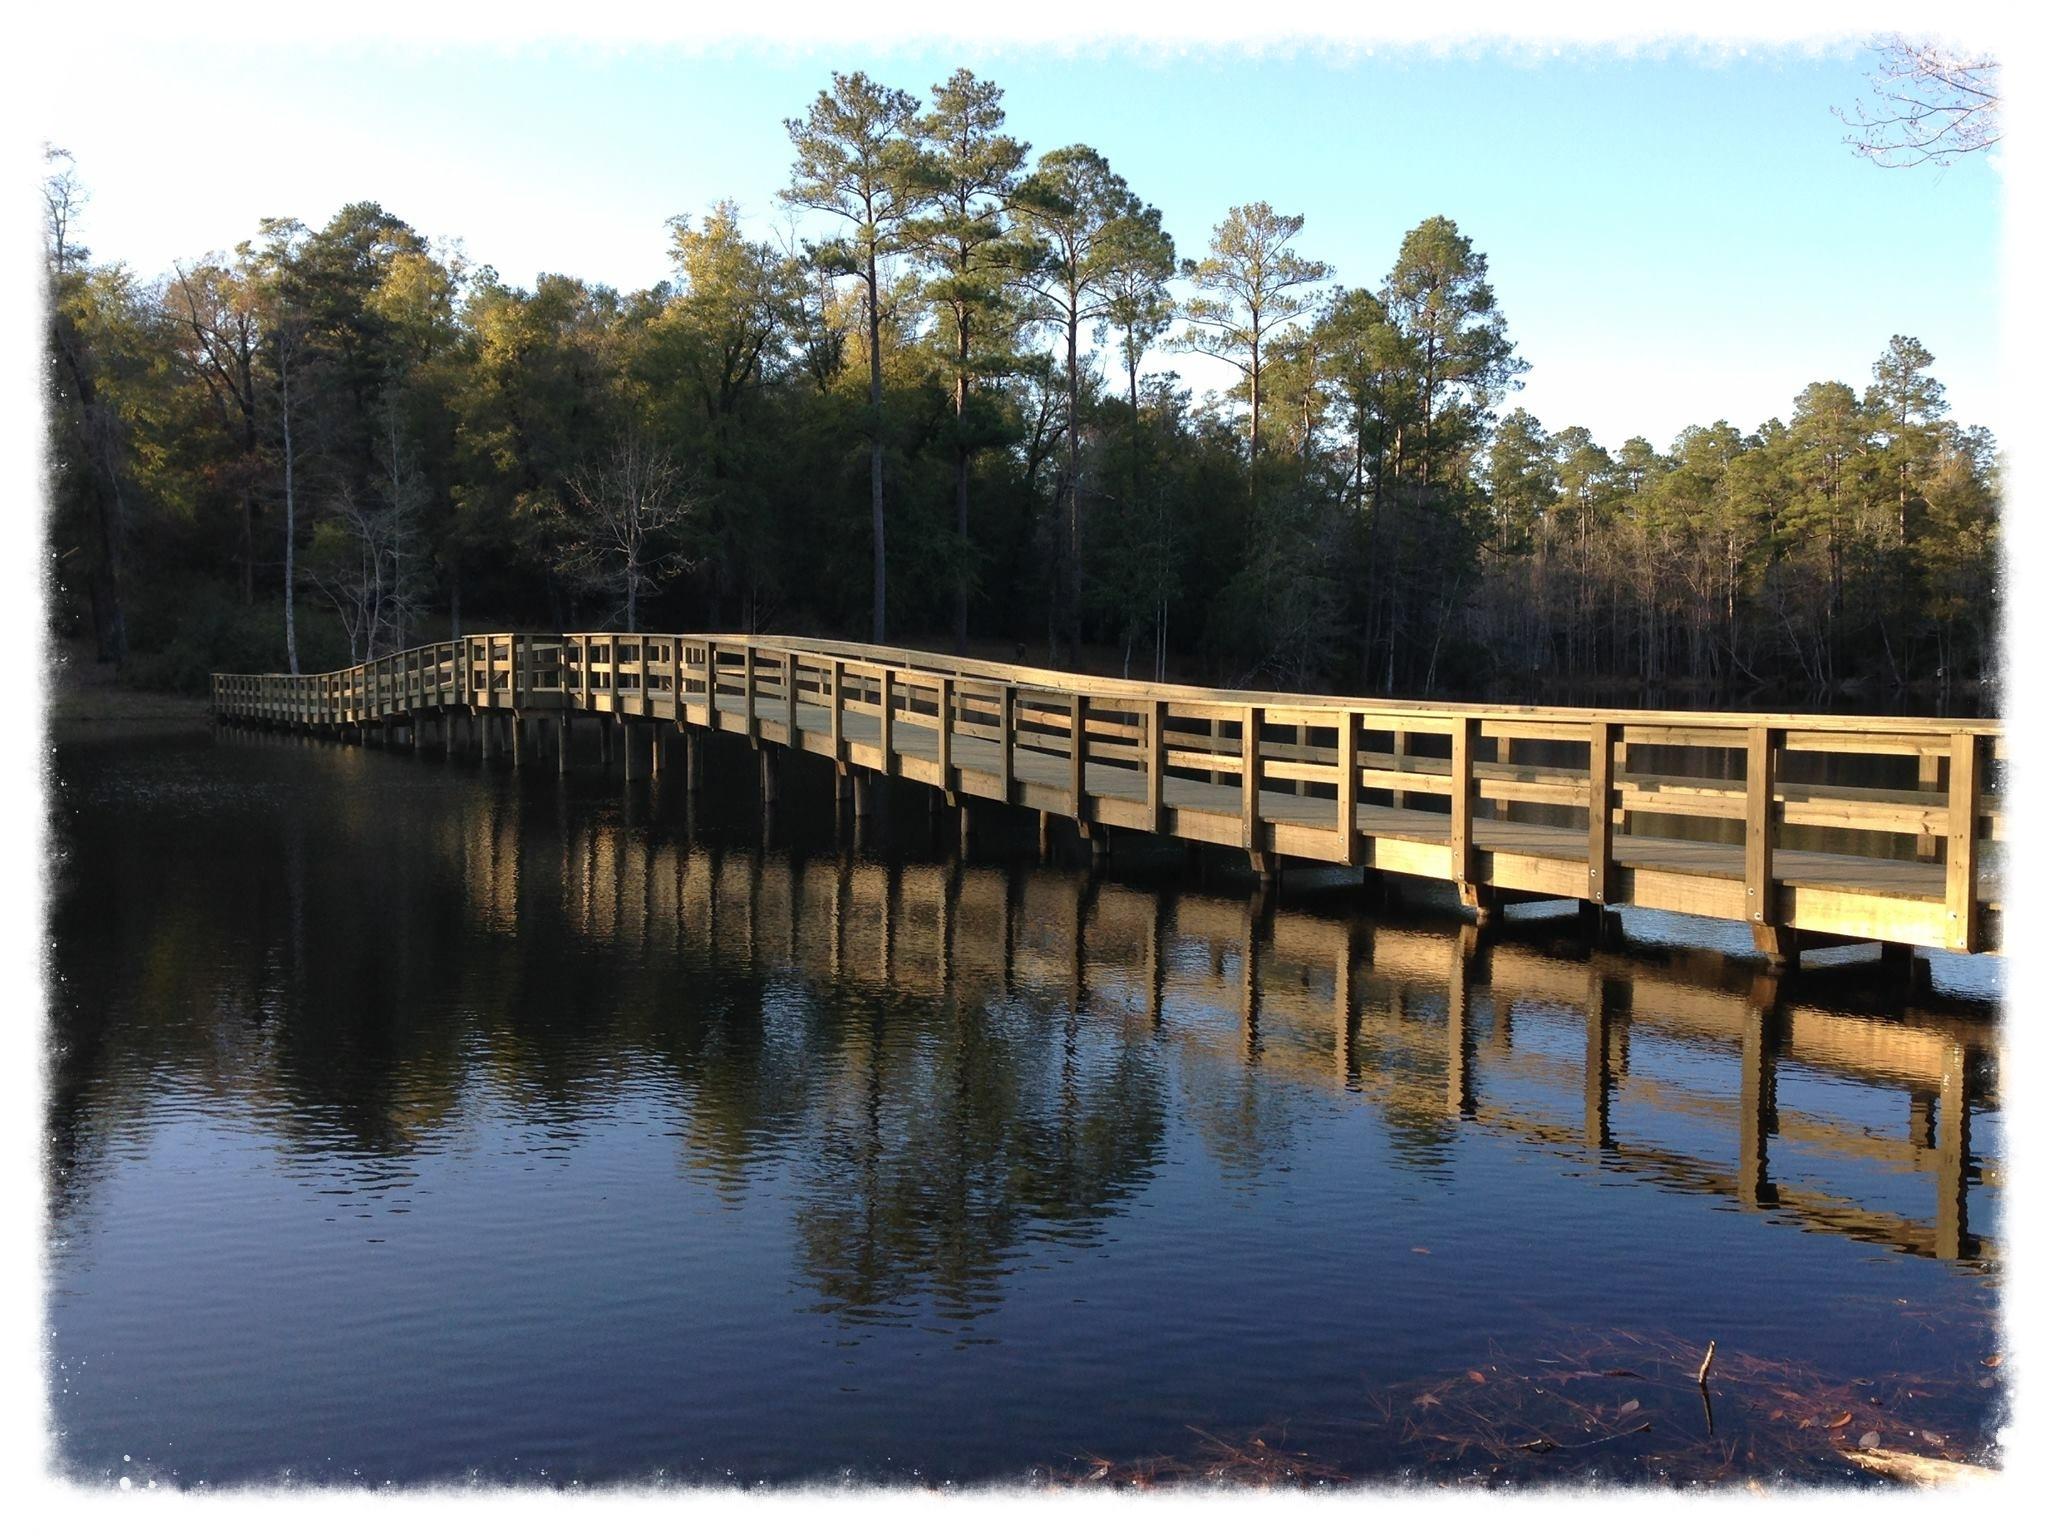 Lake Bridge with Bench